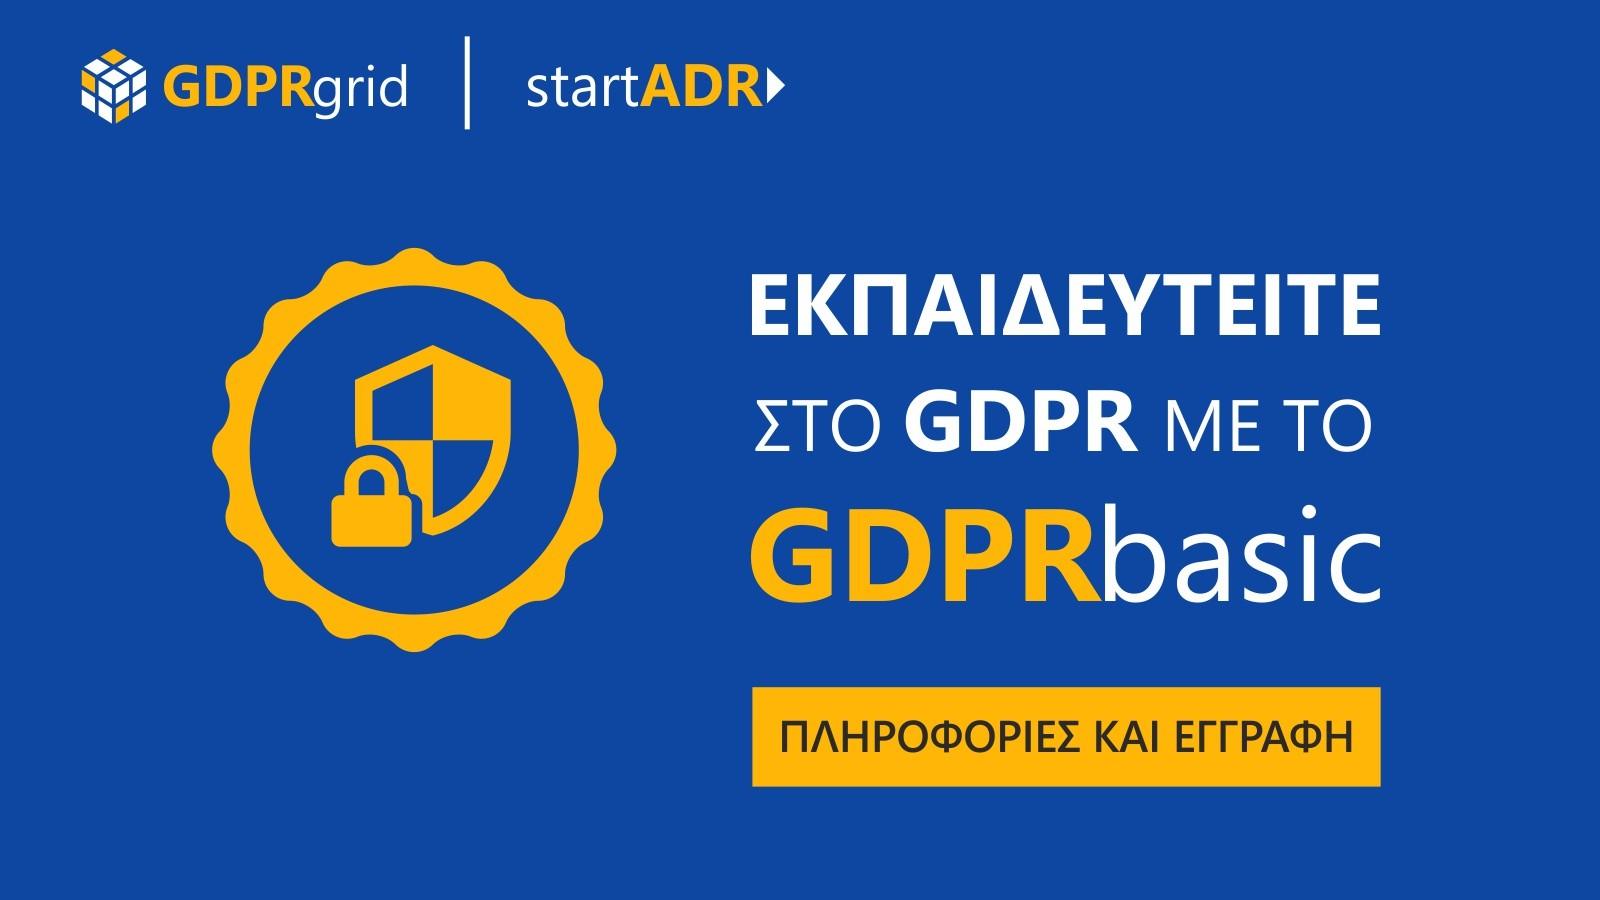 Εκπαιδευτείτε στο GDPR με το GDPRbasic